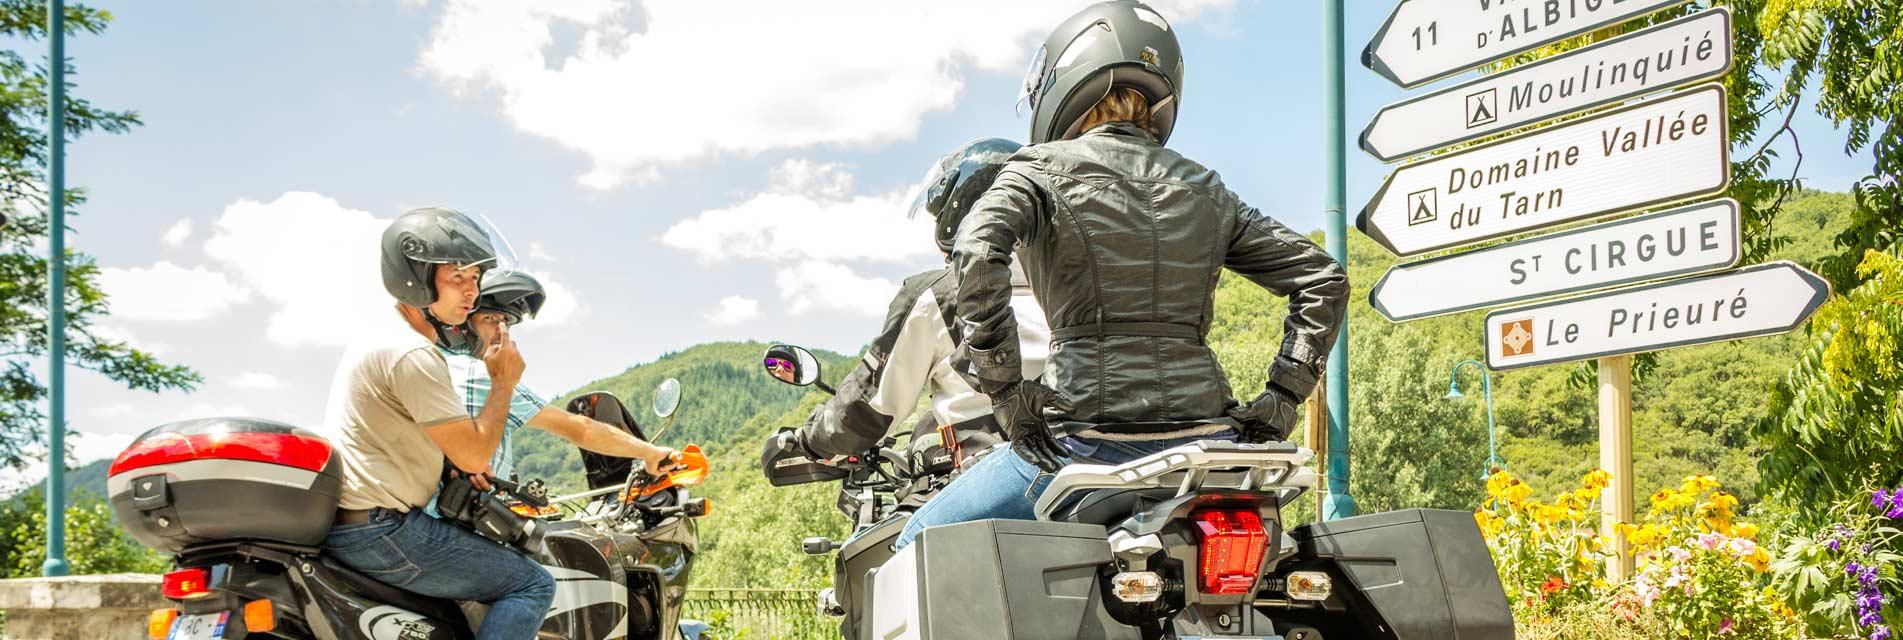 Nos séjours et week-ends à moto dans le Tarn en Occitanie